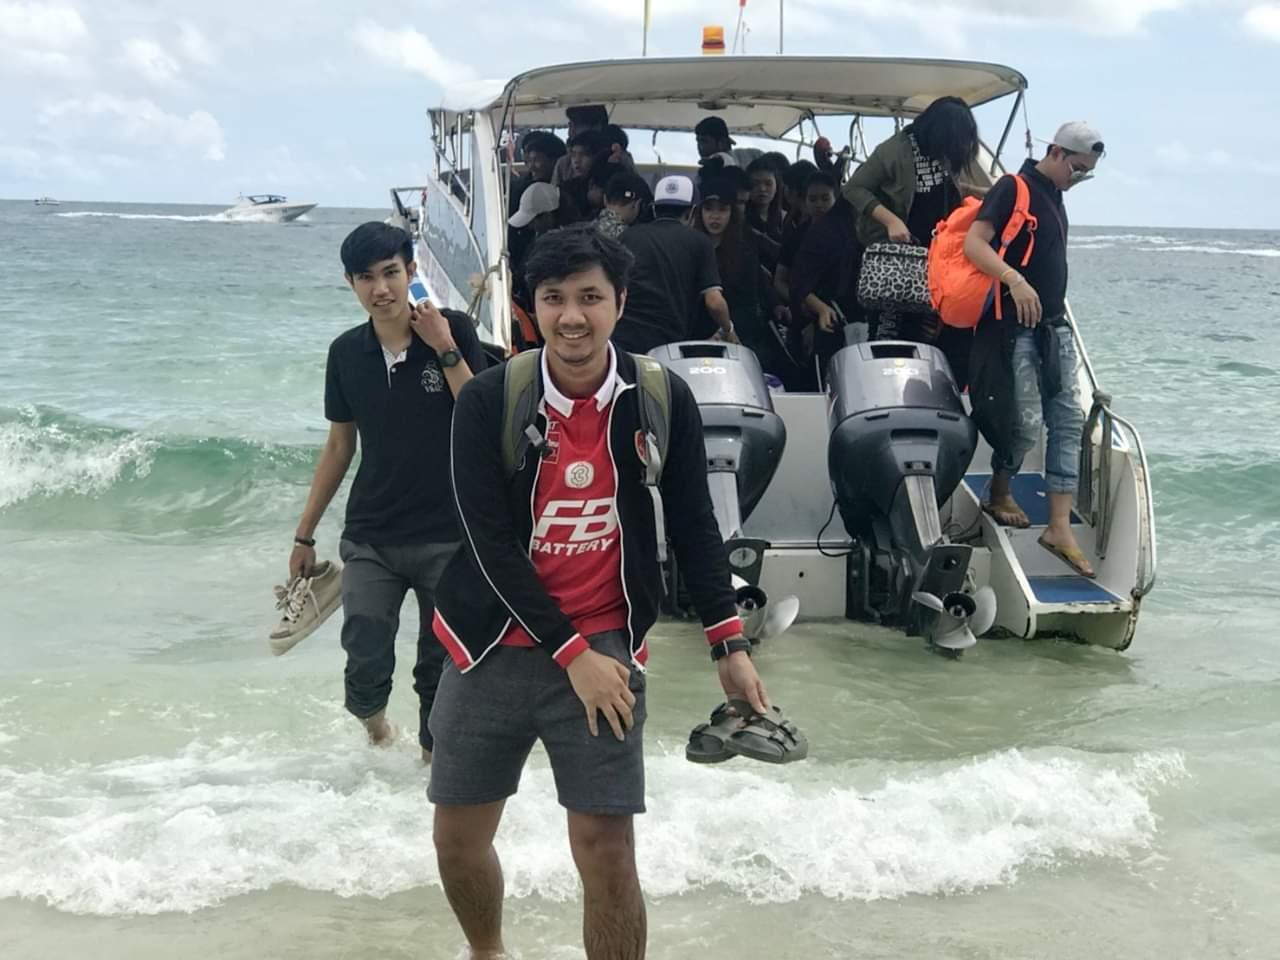 สาขาวิชาการท่องเที่ยว TOURISM